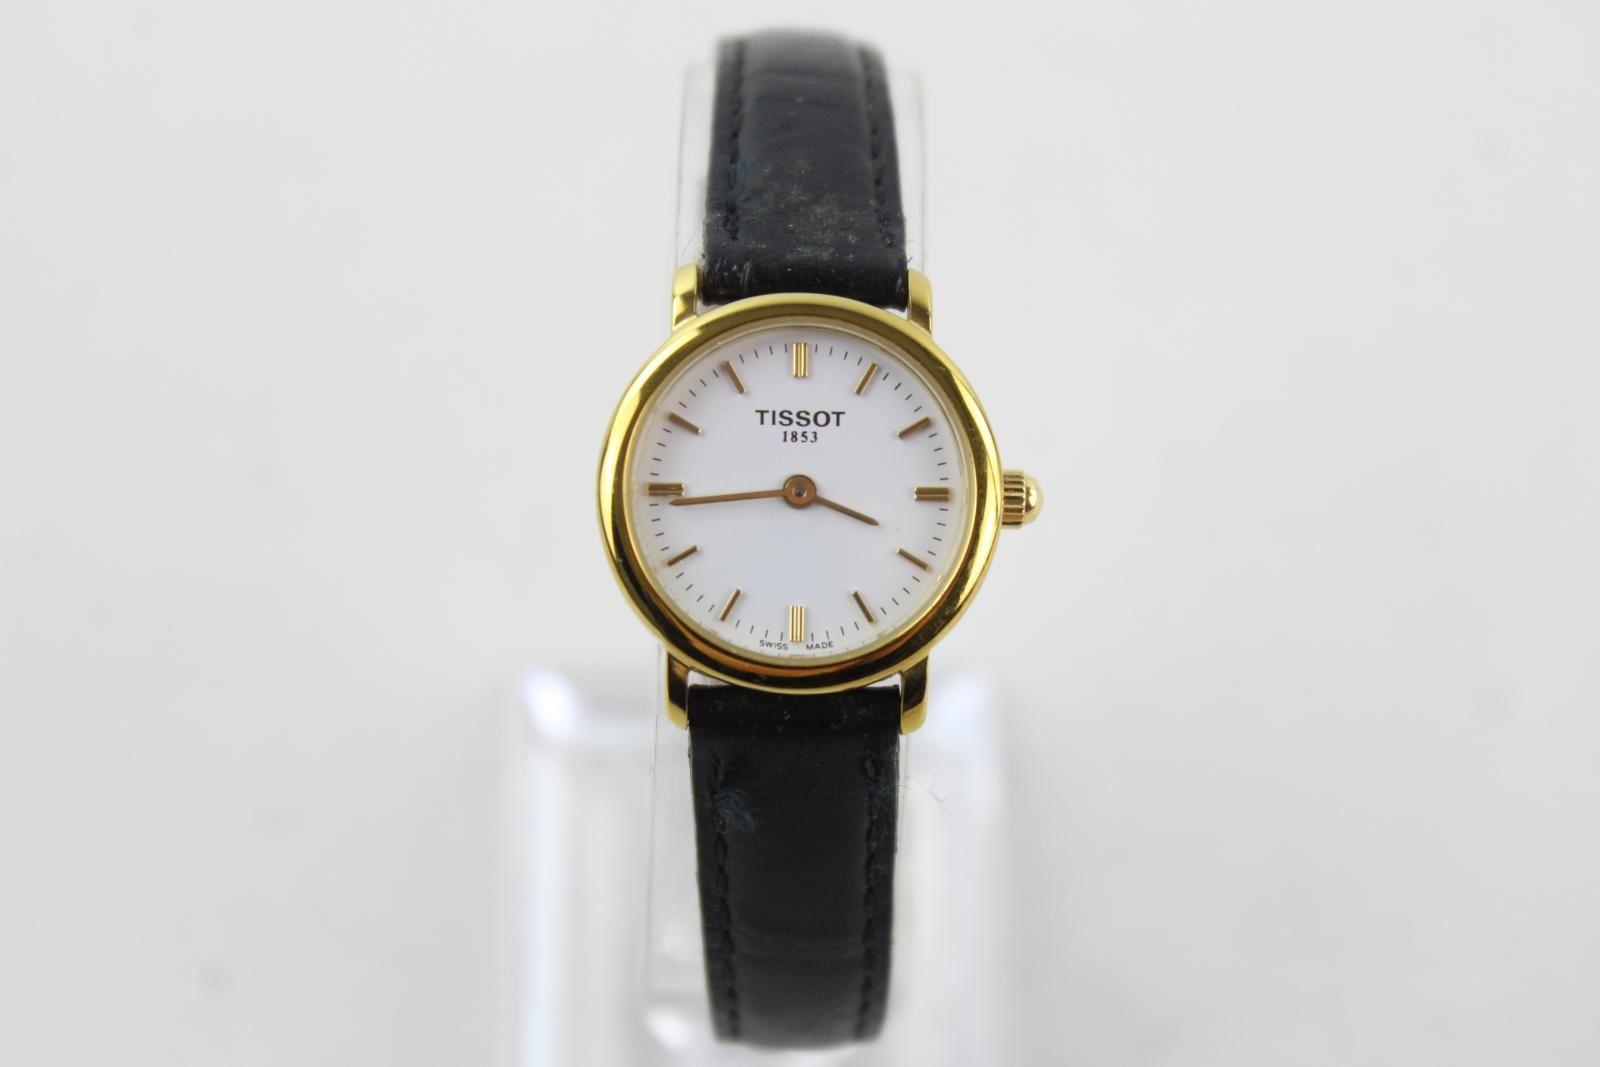 Mesdames-TISSOT-1853-ton-or-Montre-bracelet-Quartz-travaillant-avec-bracelet-en-cuir-noir